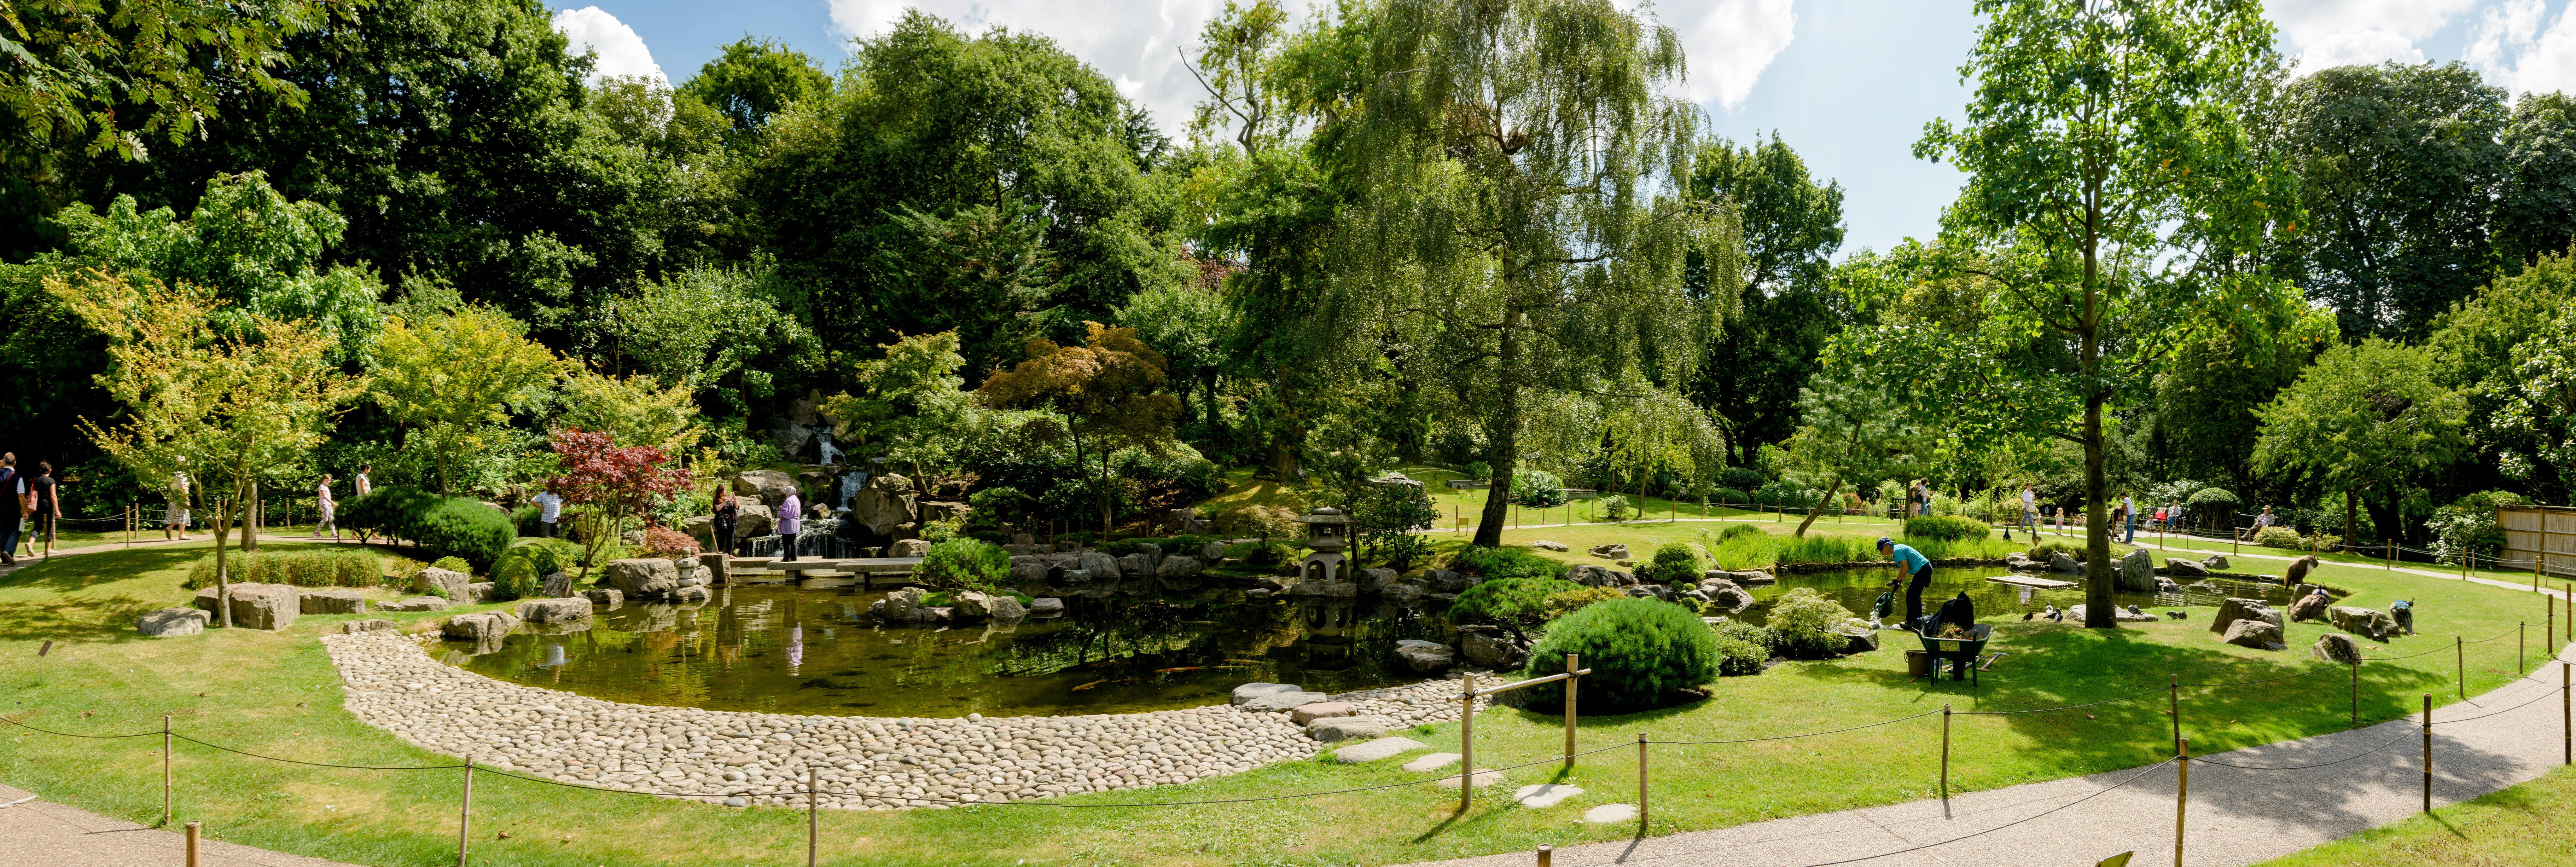 FileKyoto Garden Holland Park London 6662 Pano 3